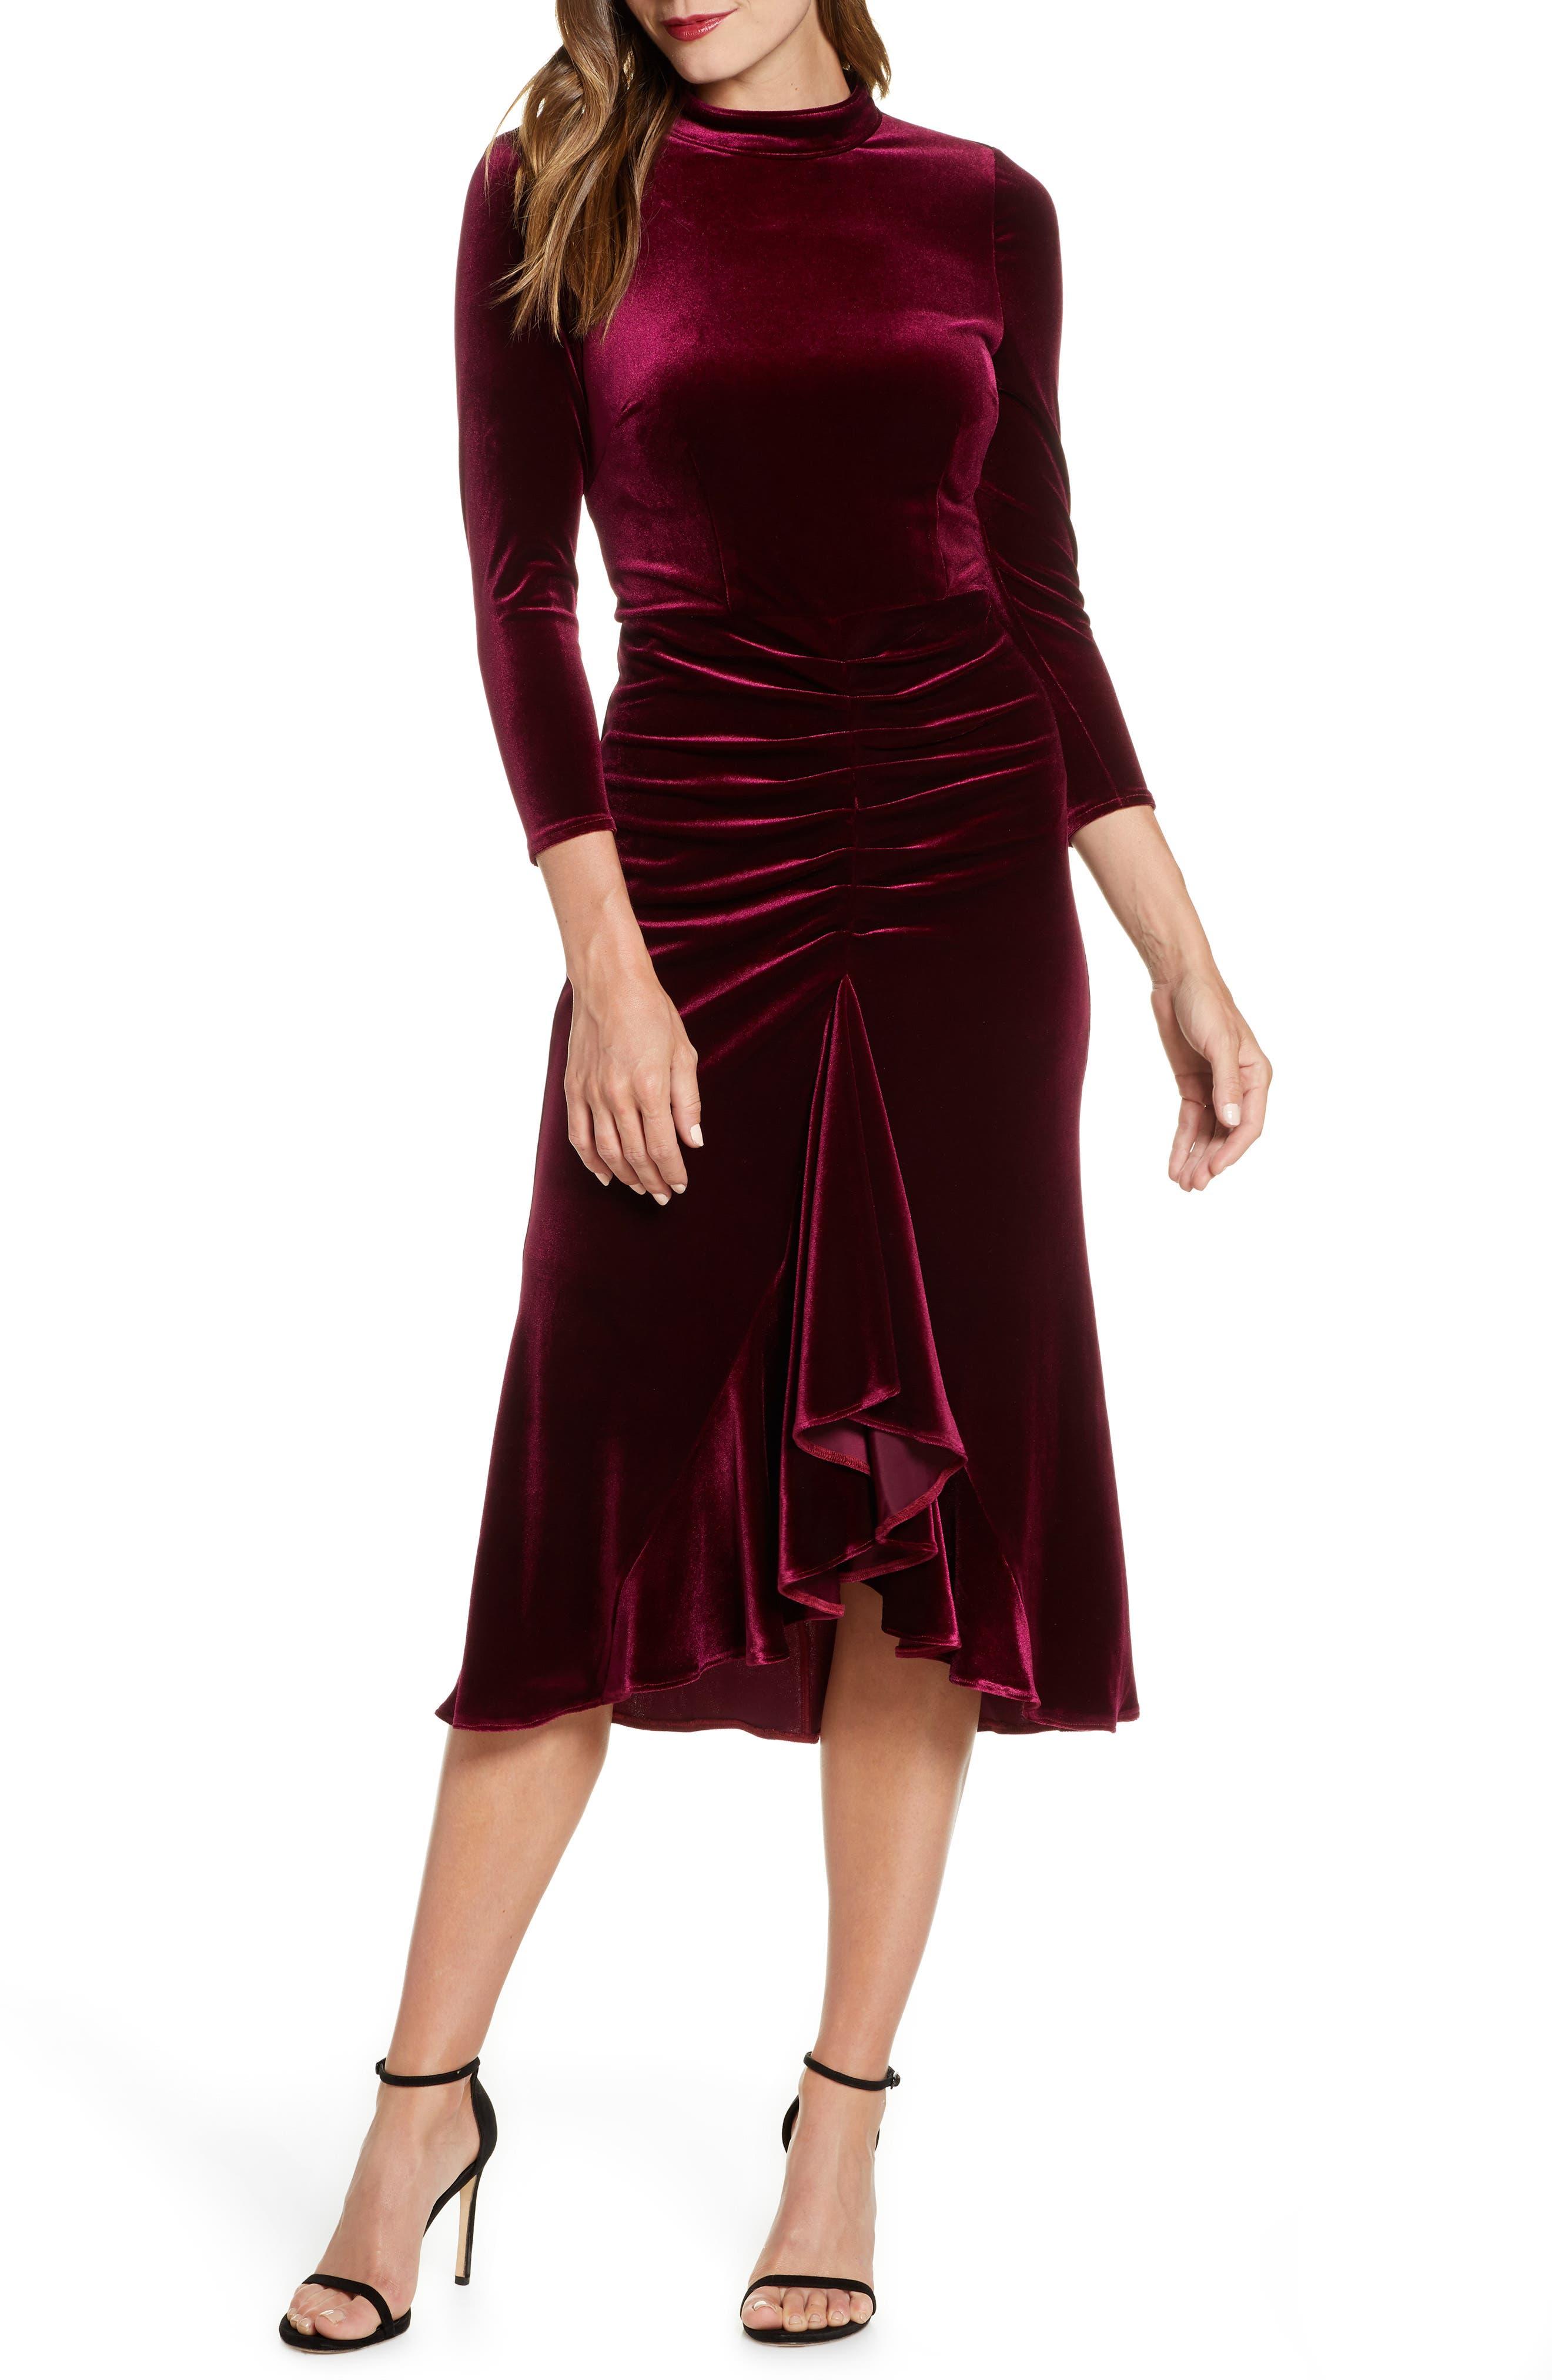 Roaring 20s Costumes- Flapper Costumes, Gangster Costumes Womens Eliza J Ruched Velvet Dress $103.60 AT vintagedancer.com